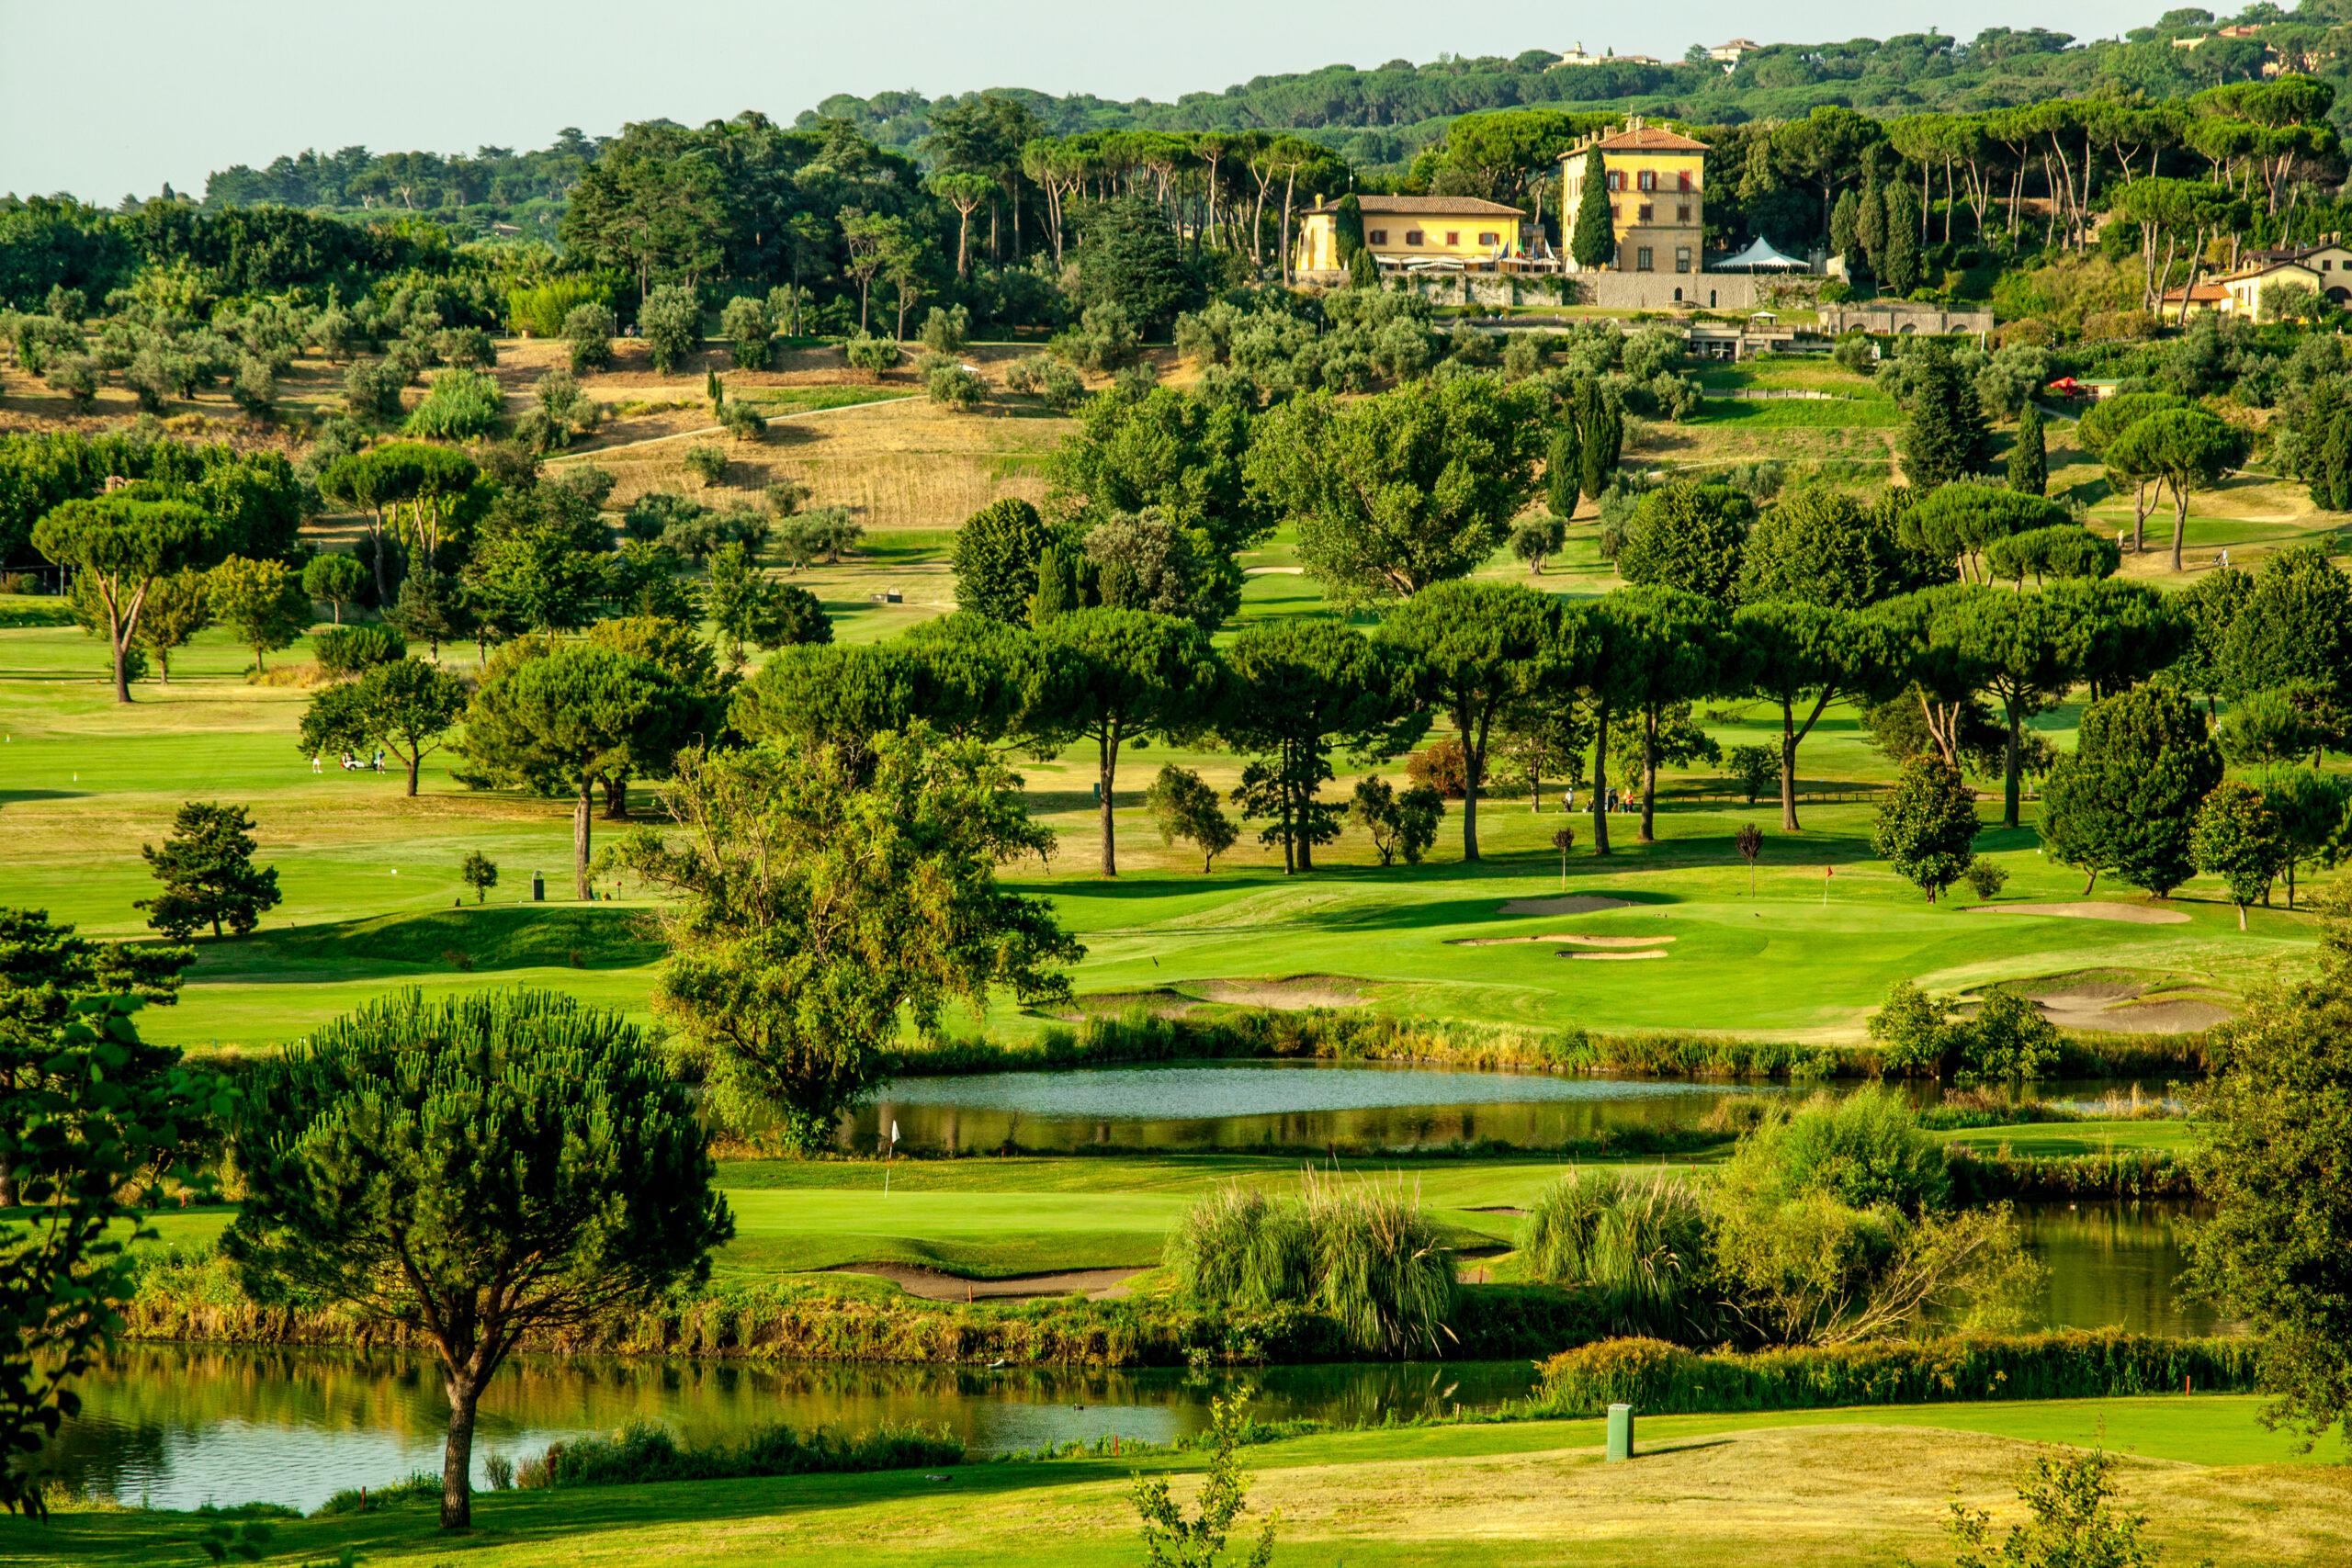 3Country-Club-Castel-Gandolfo-scaled